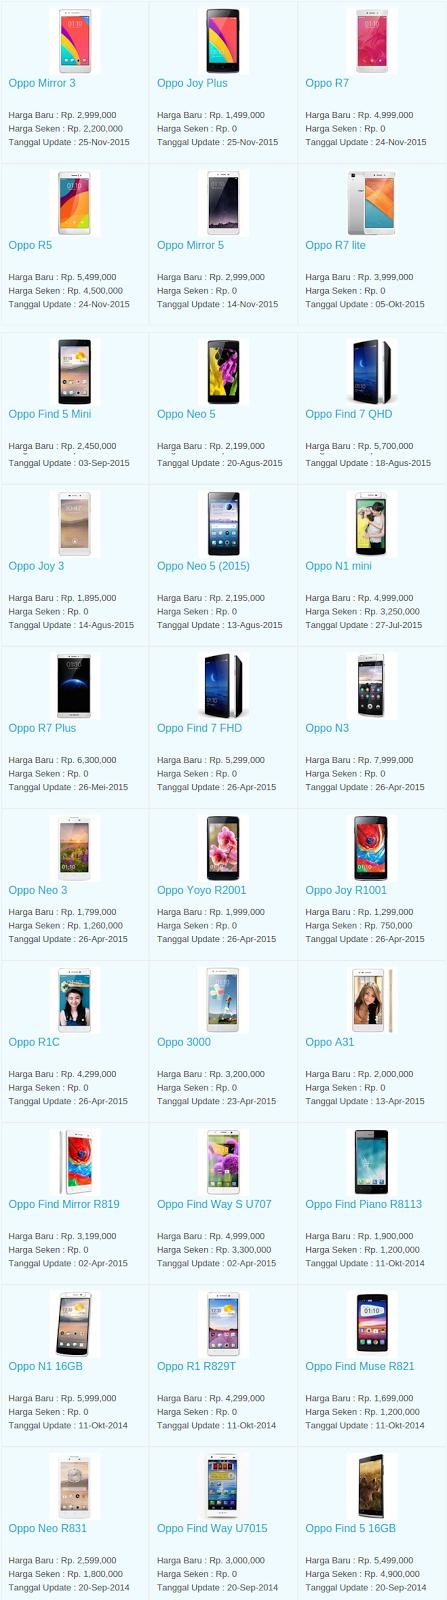 Daftar Harga Hp Oppo November 2015